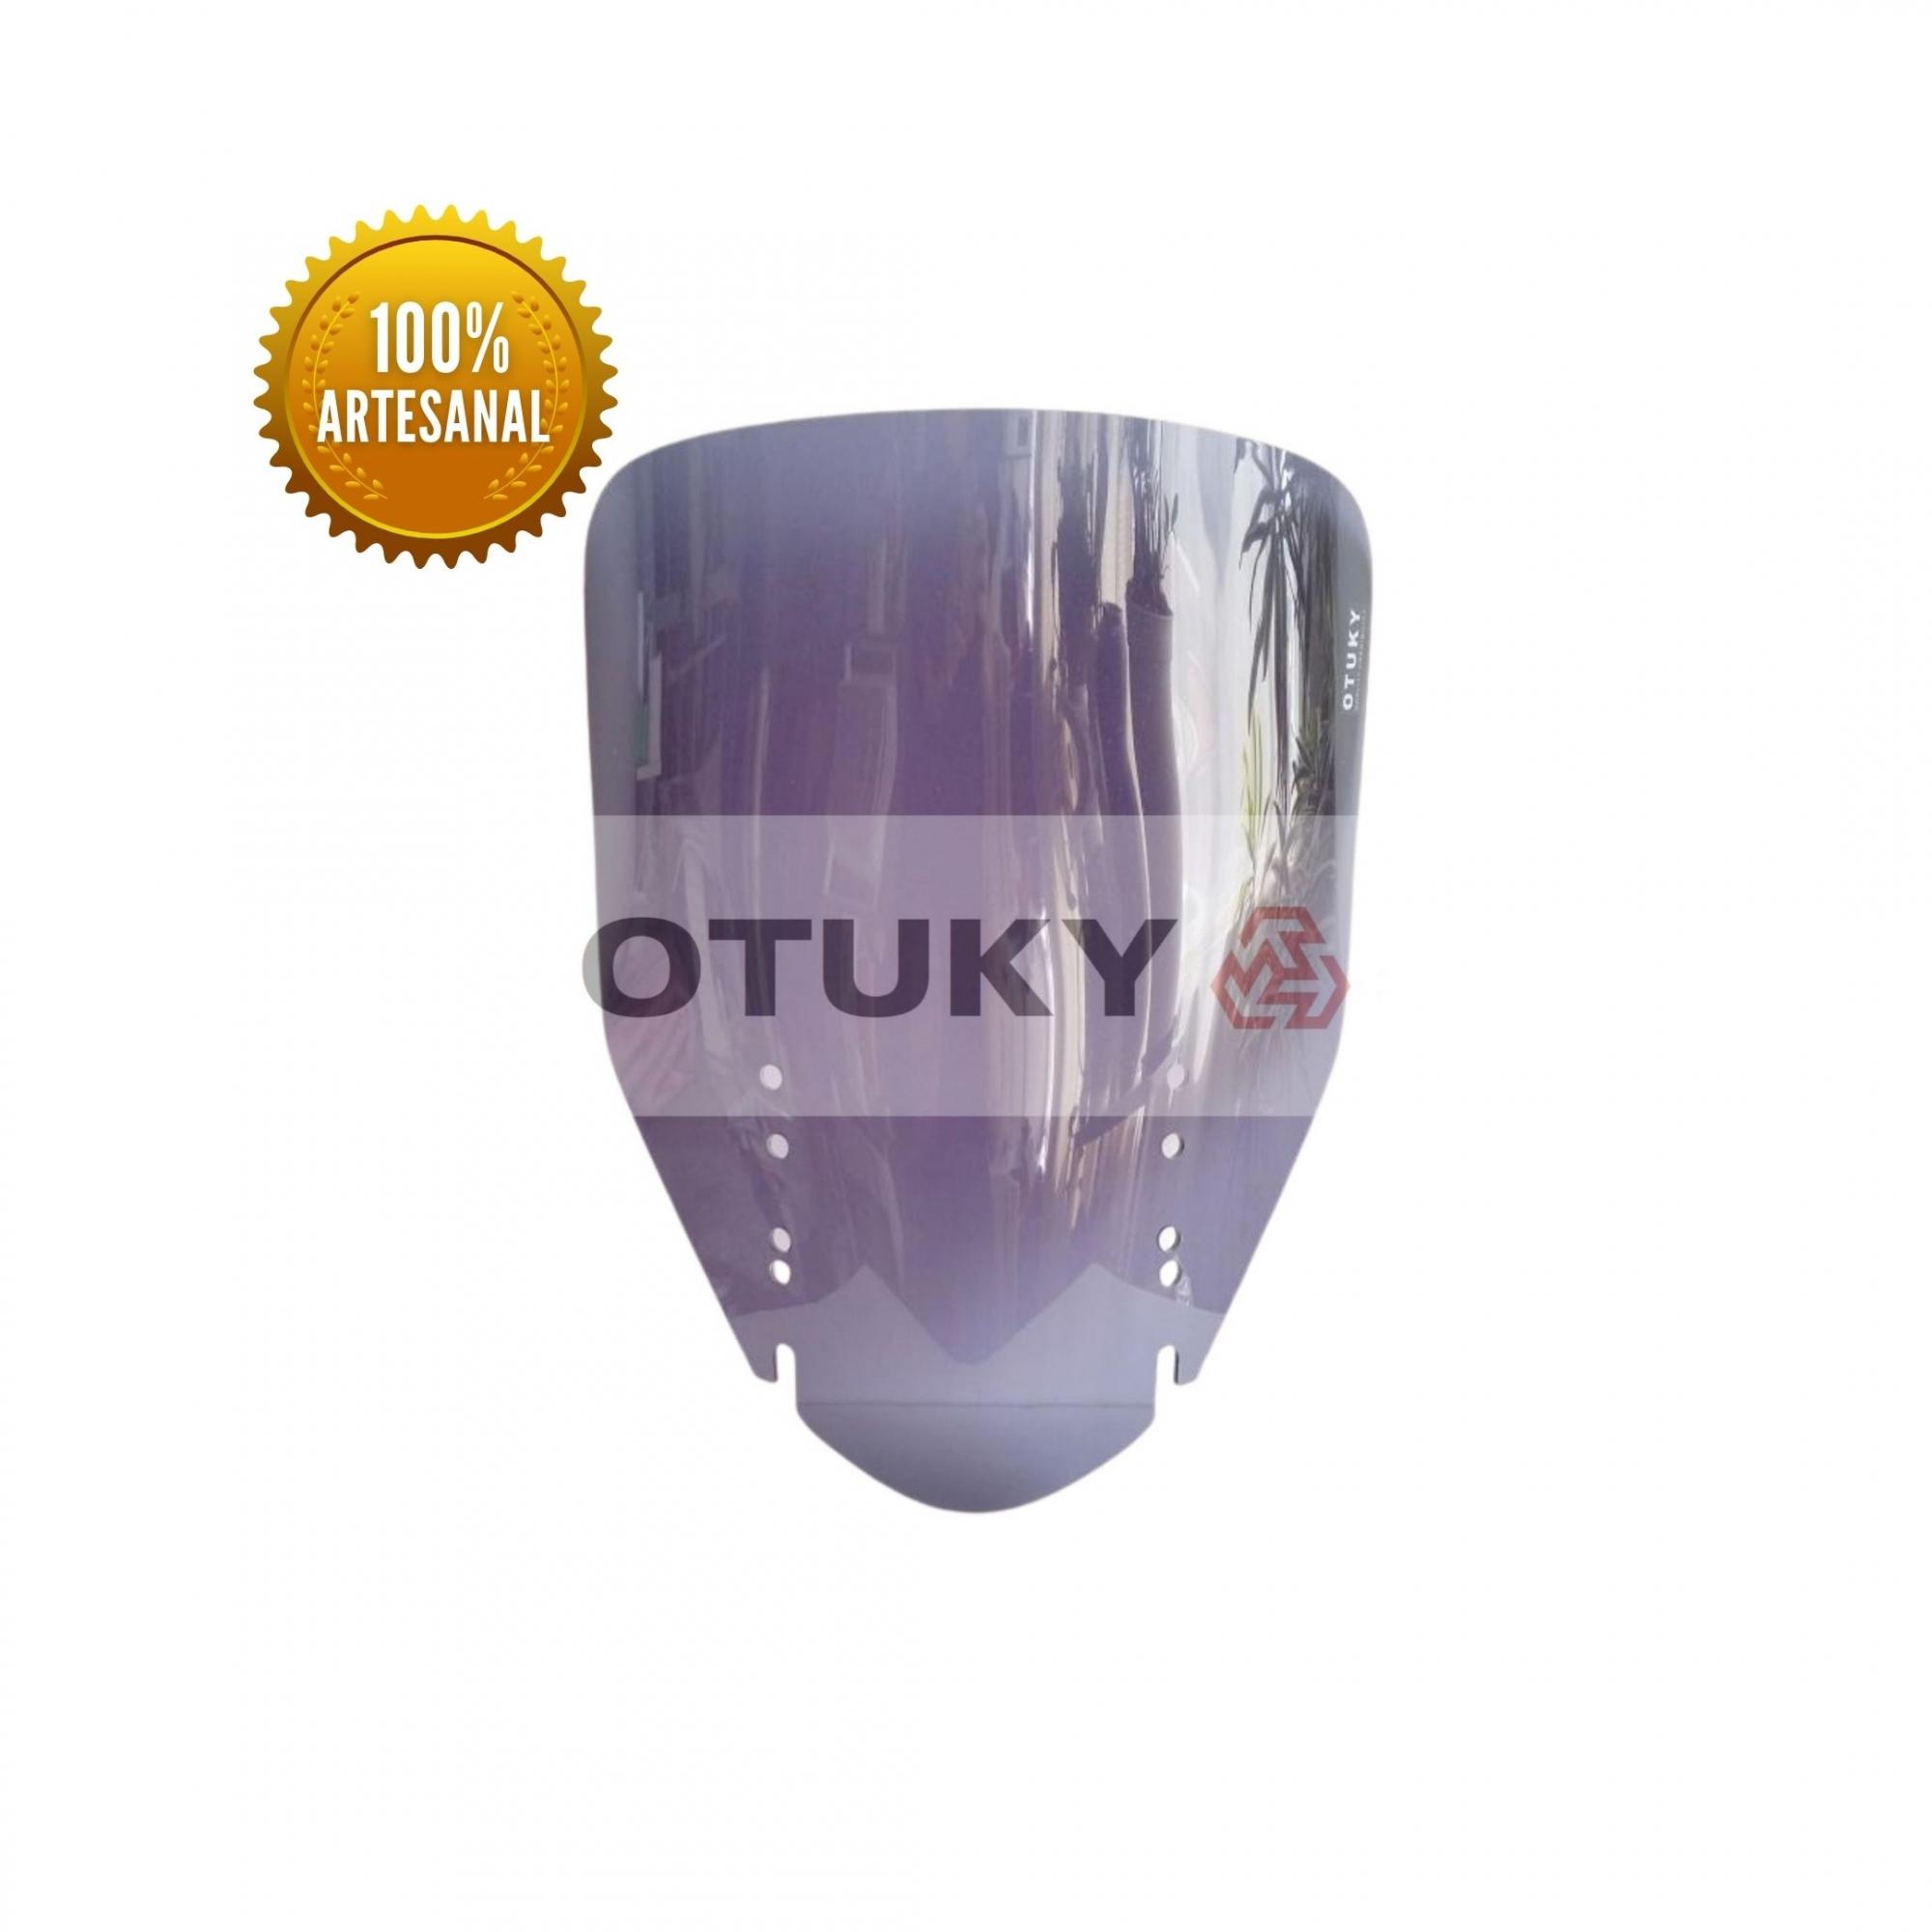 Bolha para Moto V-Strom DL 650 1000 2004 2013 Otuky Alongada Fumê Escuro